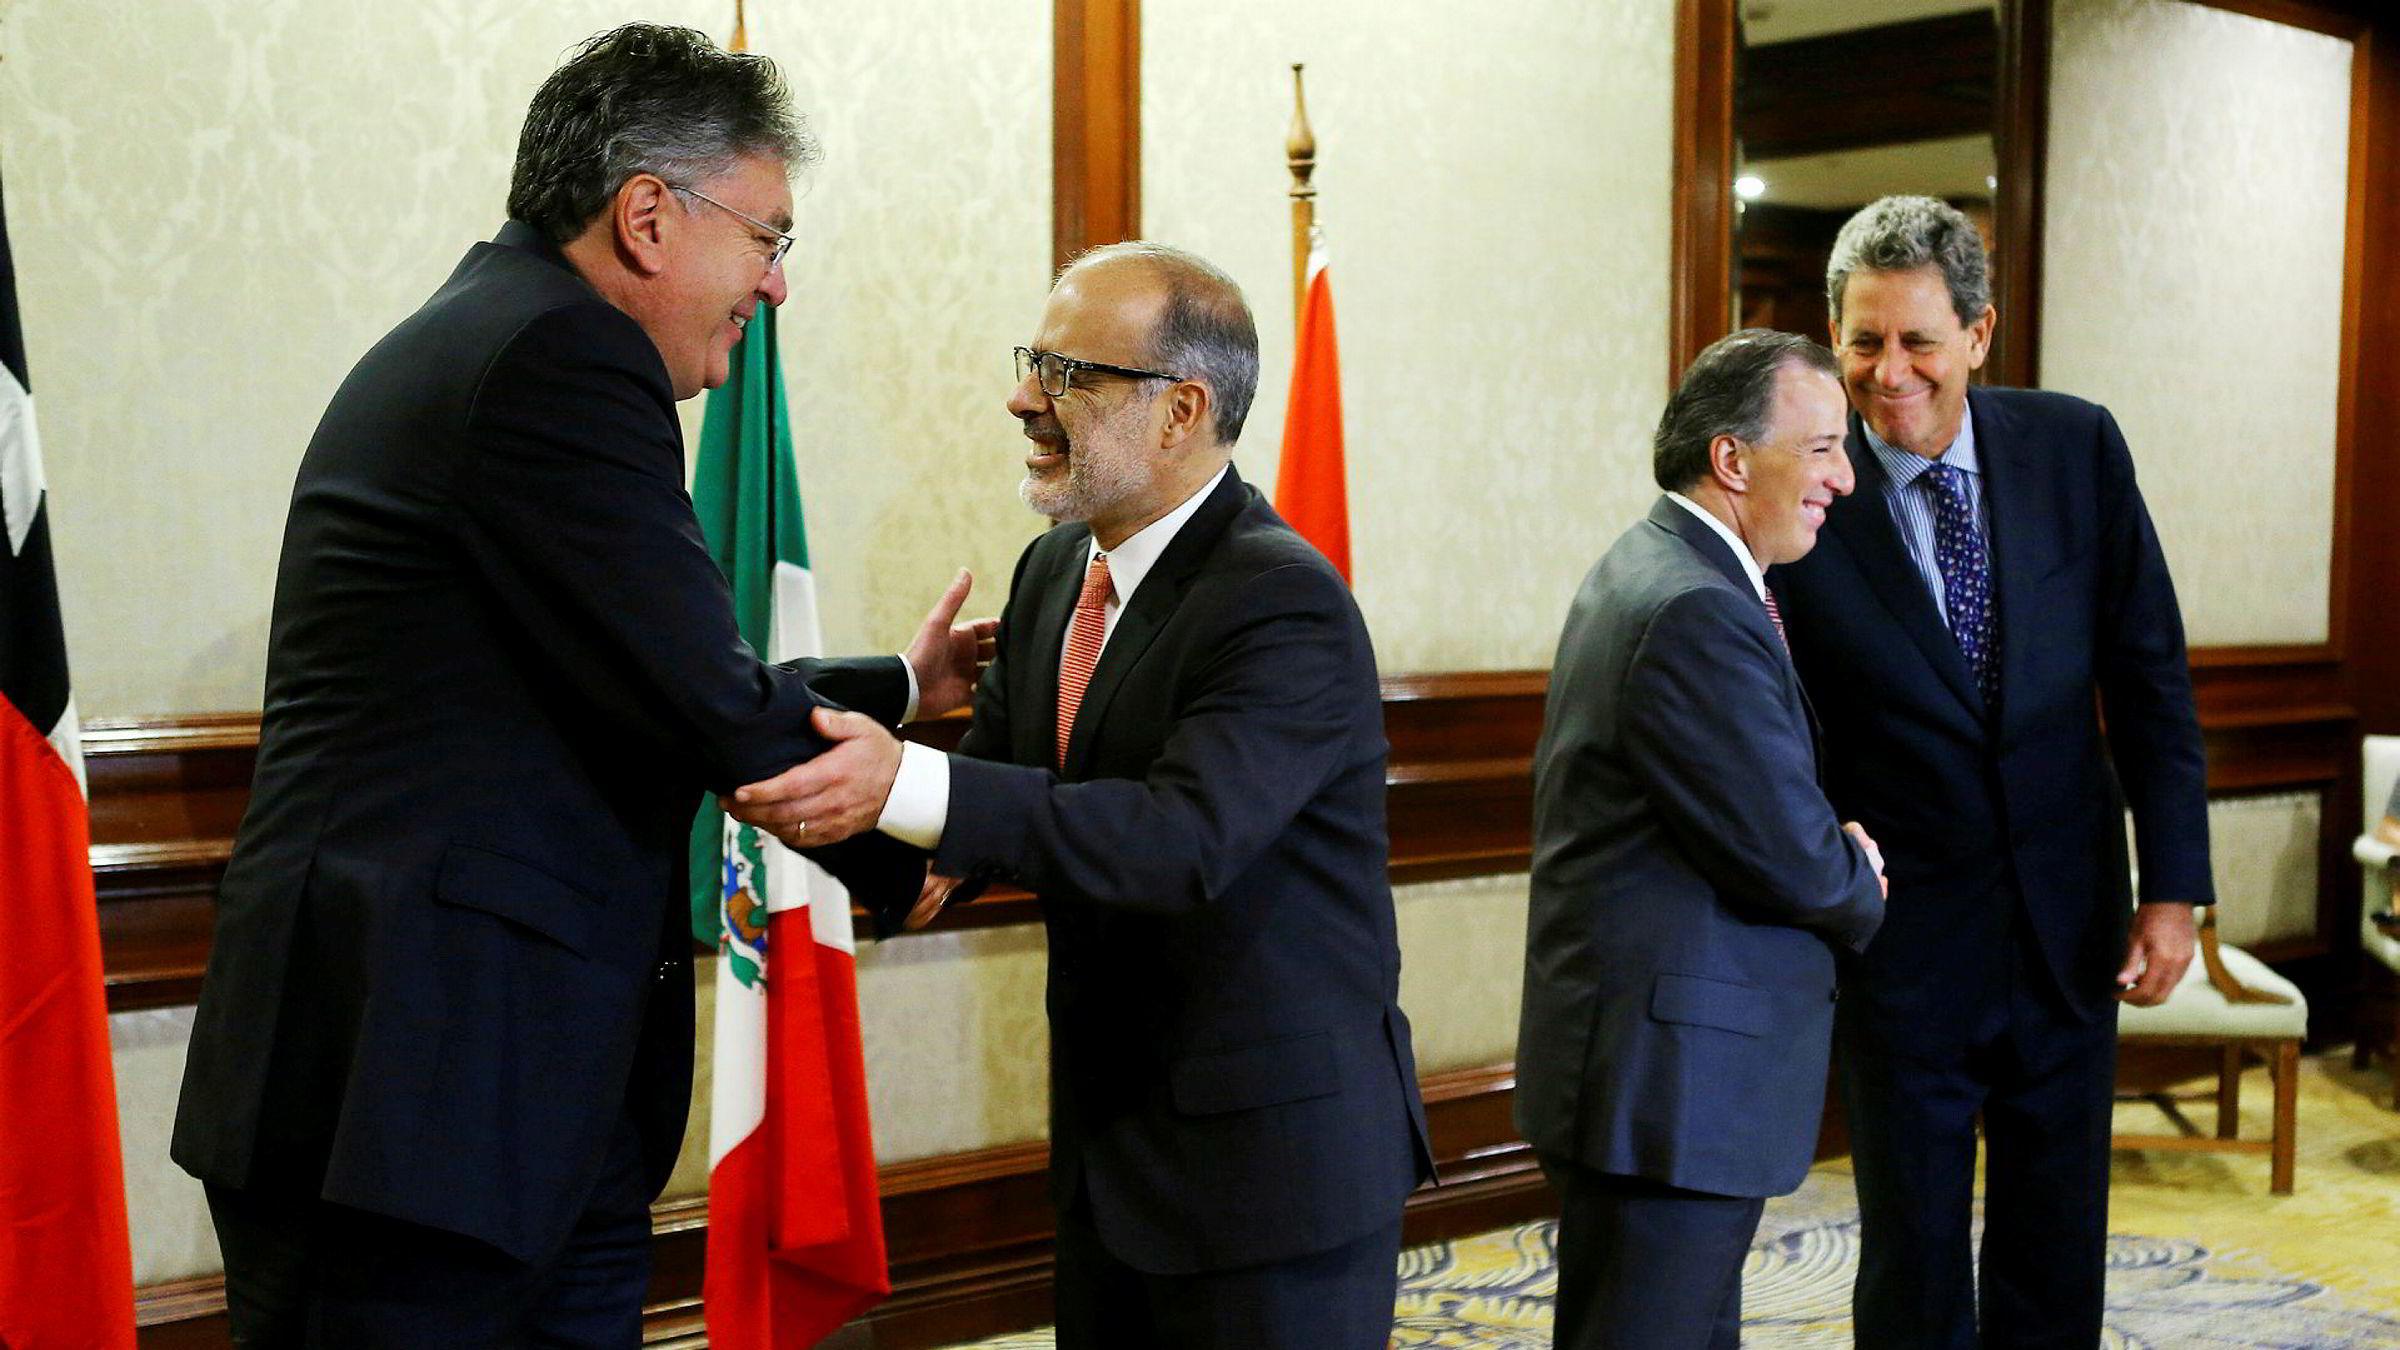 Finansministrene i de fire Pacific Alliance-landene Colombia, Chile, Mexico og Peru er samlet i Santiago i Chile for å diskutere en fremtid uten frihandelsavtalen TPP. I Santiago er også kinesiske representanter, som nå ser nye muligheter.